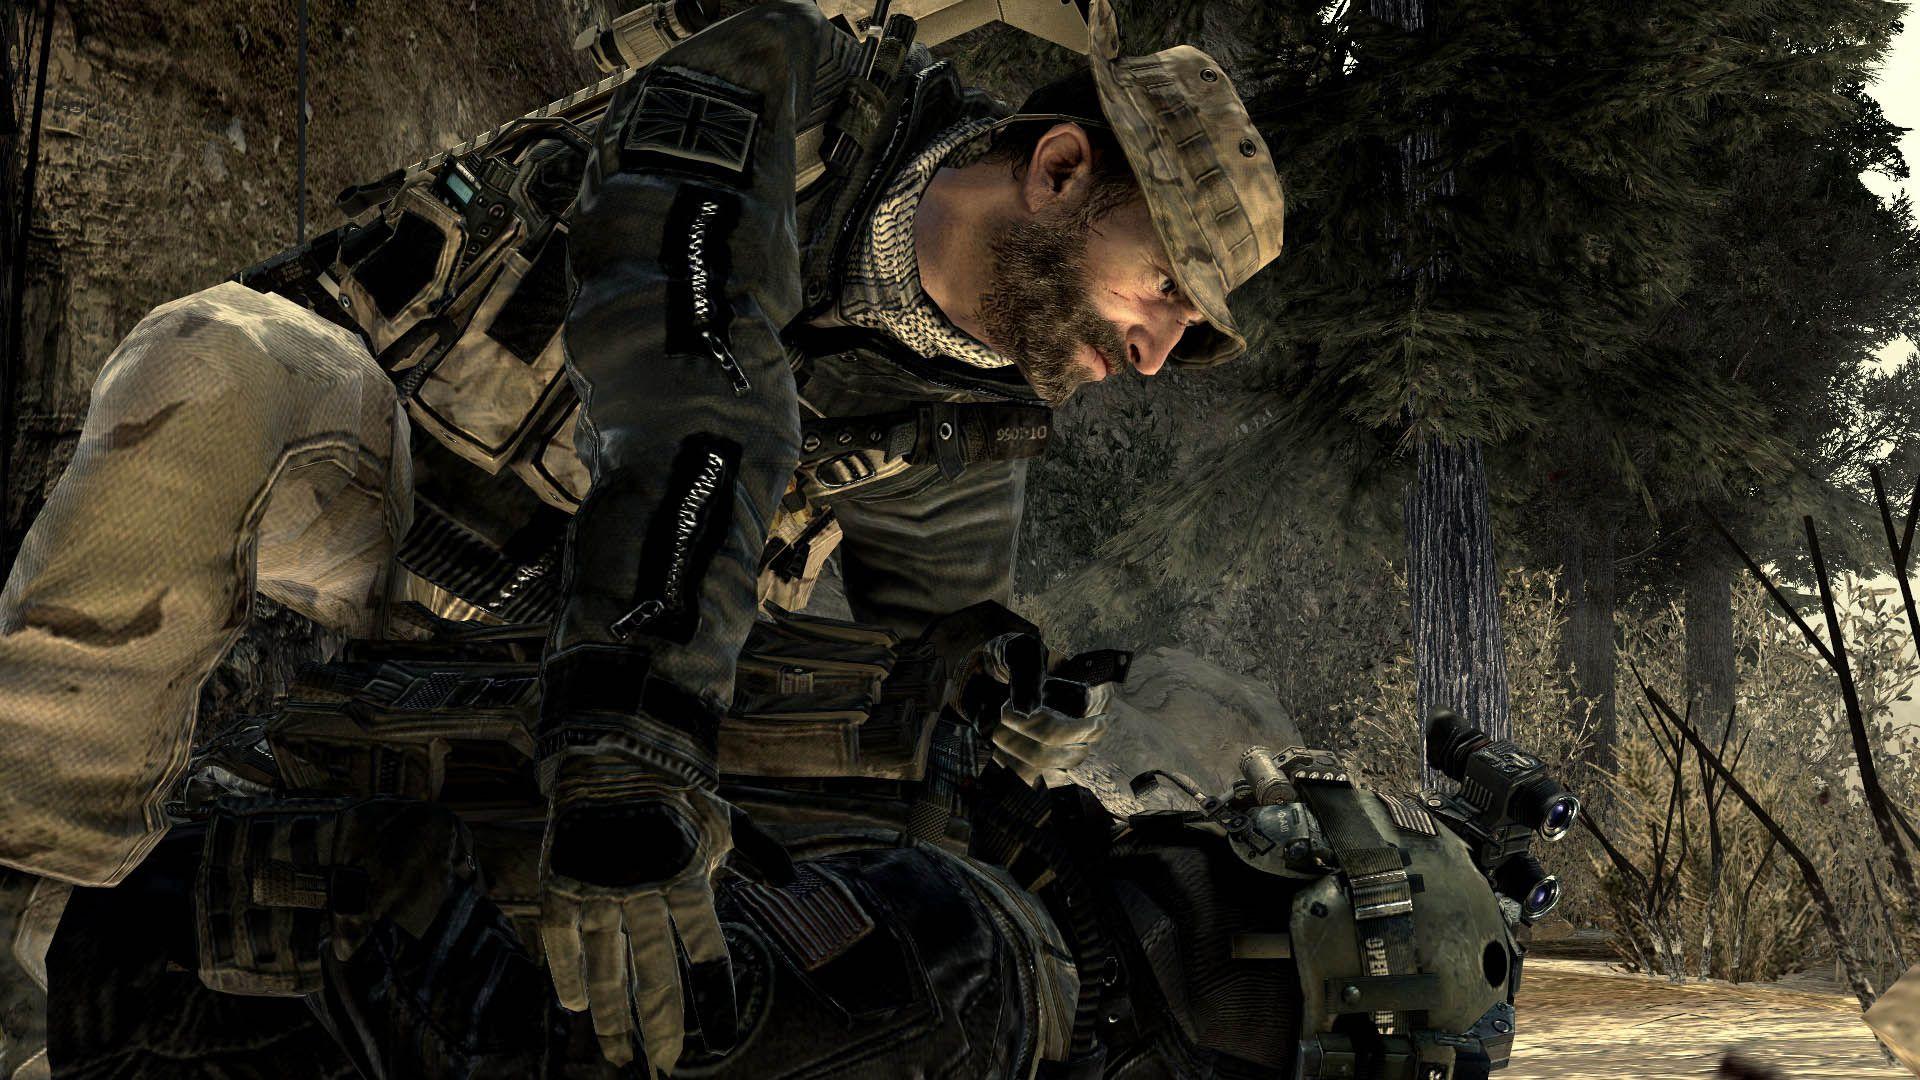 Call Of Duty Modern Warfare 3 Wallpapers Just Like Old Time Jpg Call Of Duty Modern Warfare Call Of Duty Black